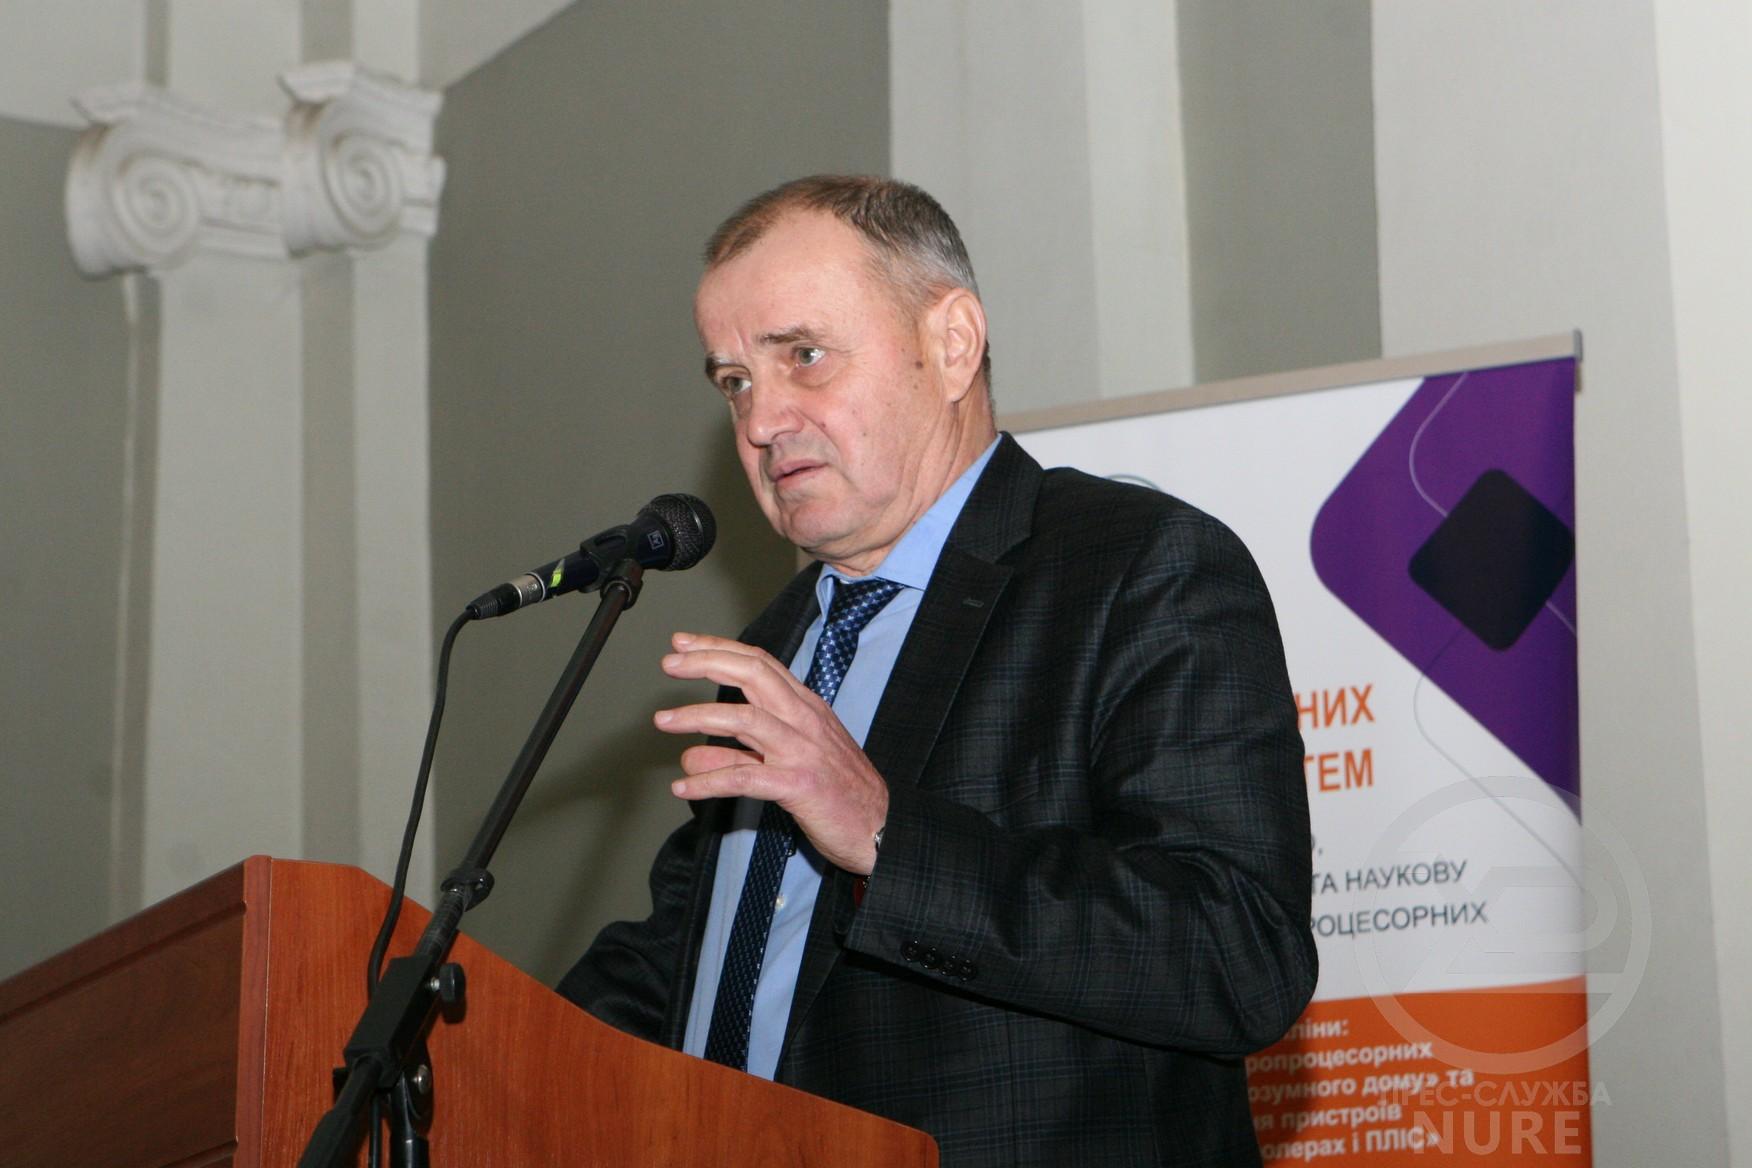 Відбулася зустріч ректора та провідних компаній Харкова зі студентами ХНУРЕ